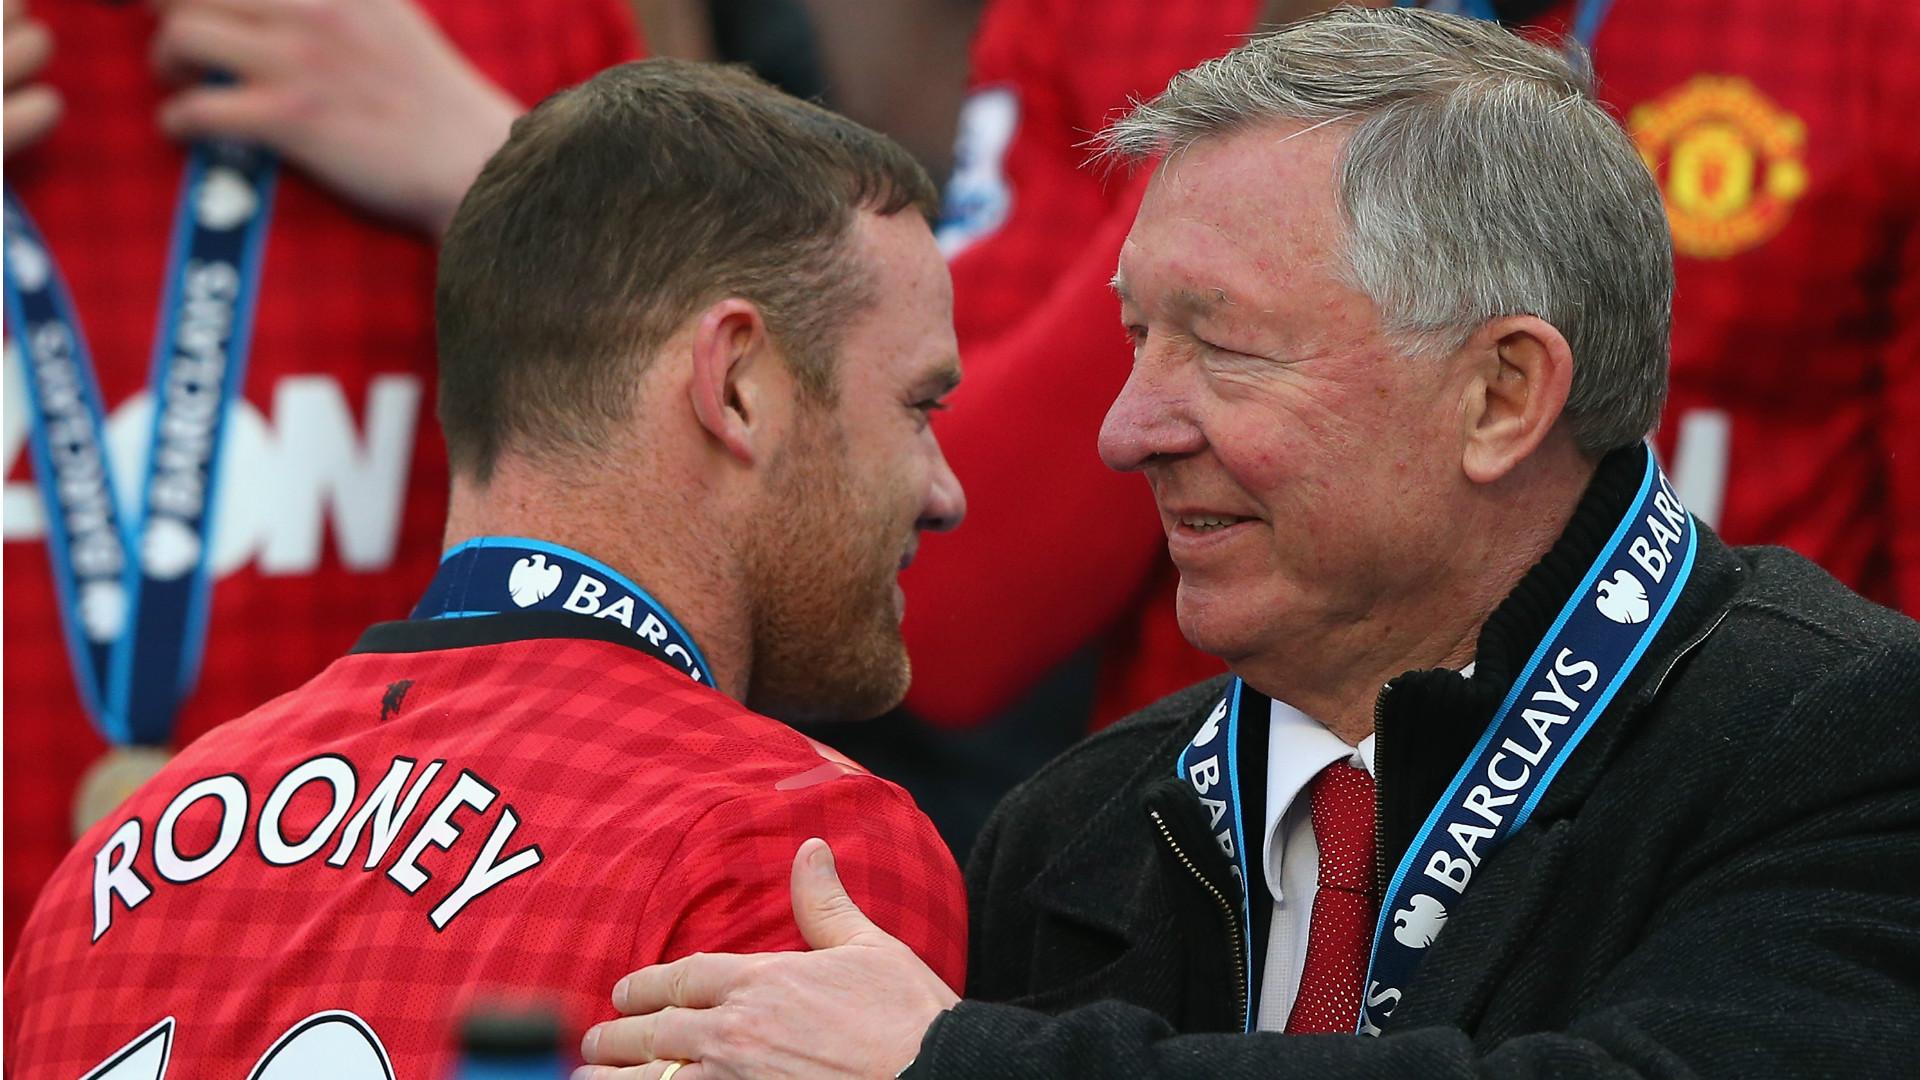 Wayne Rooney Alex Ferguson Manchester United Premier League 120513